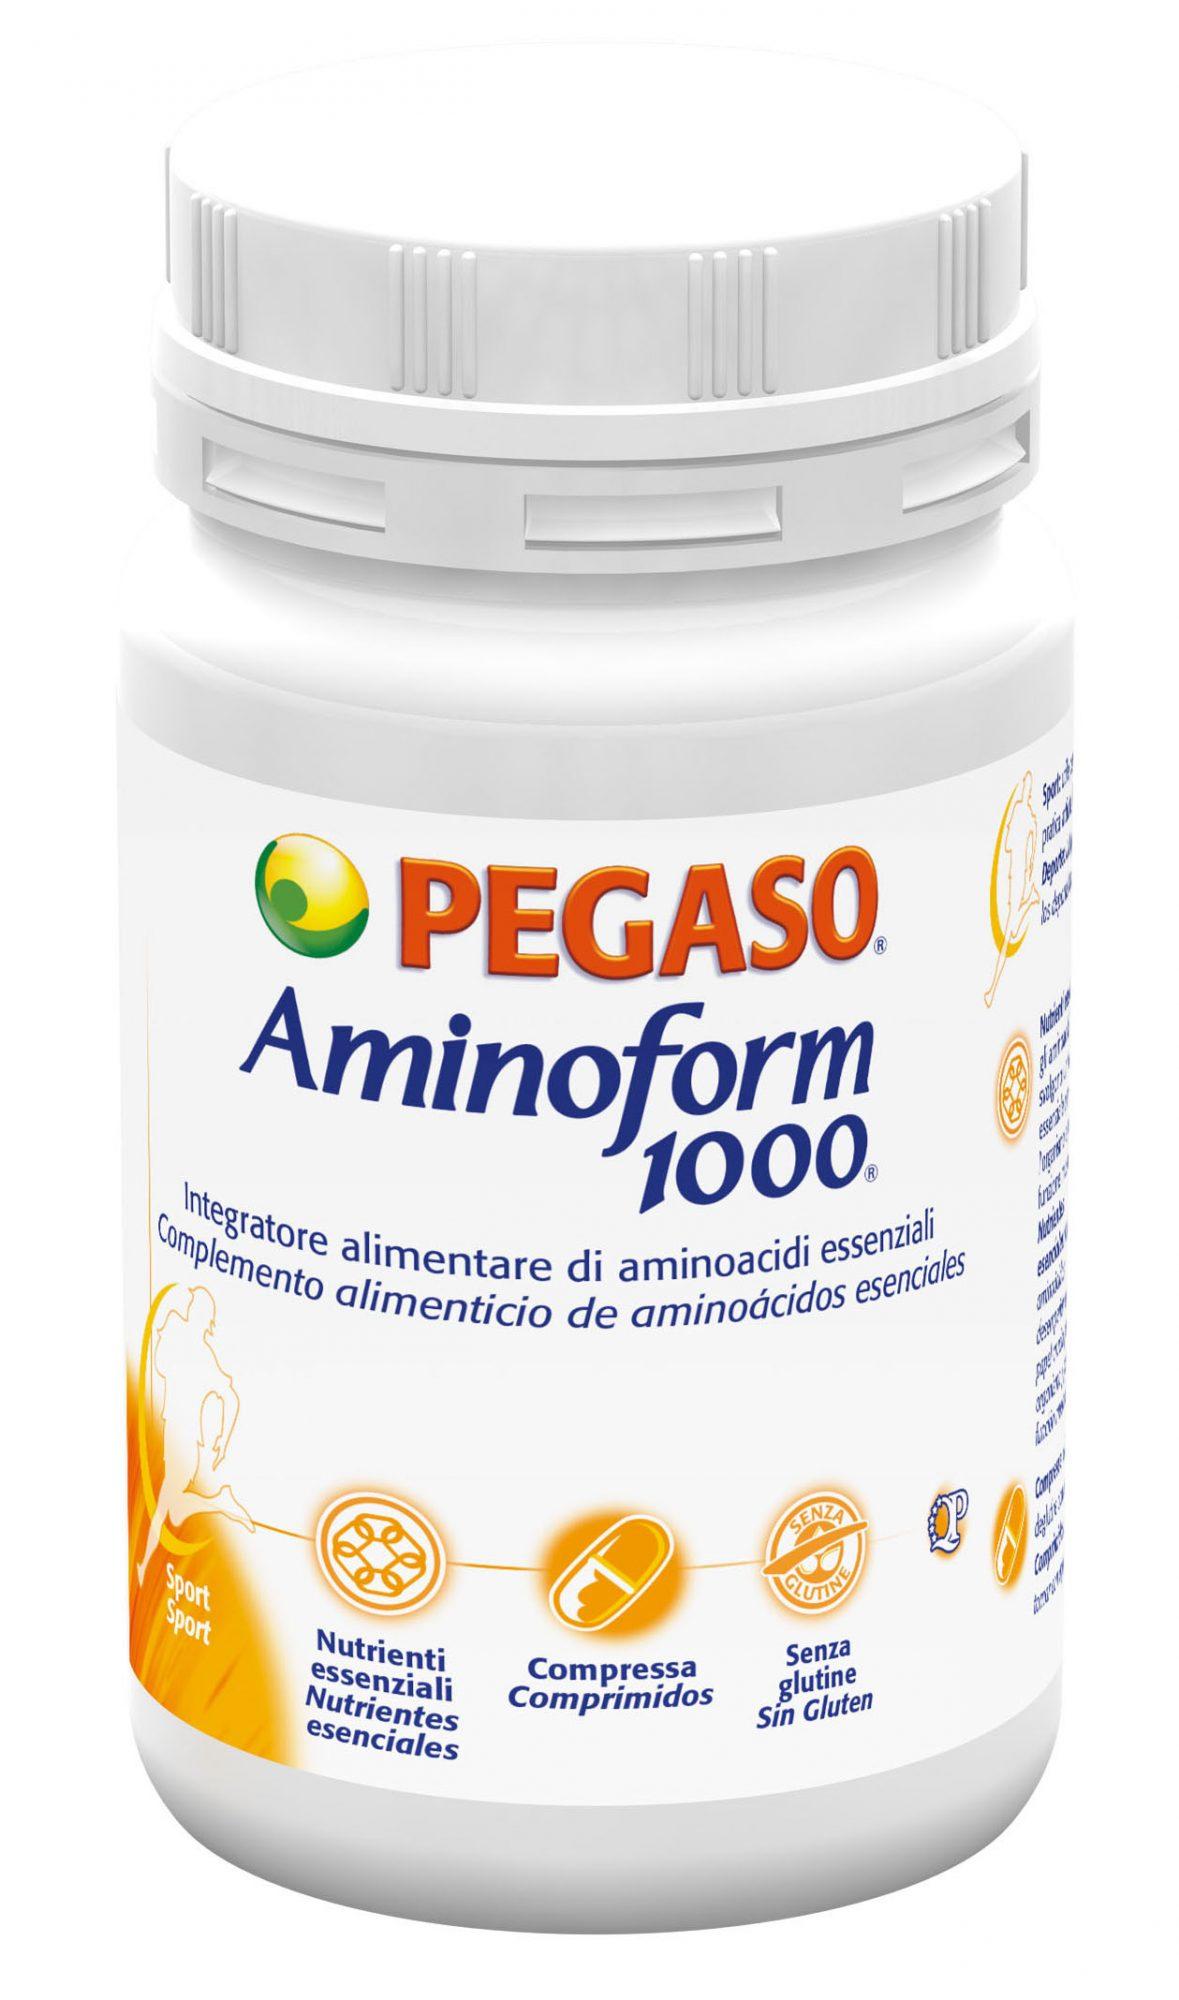 Pegaso_Aminoform 1000